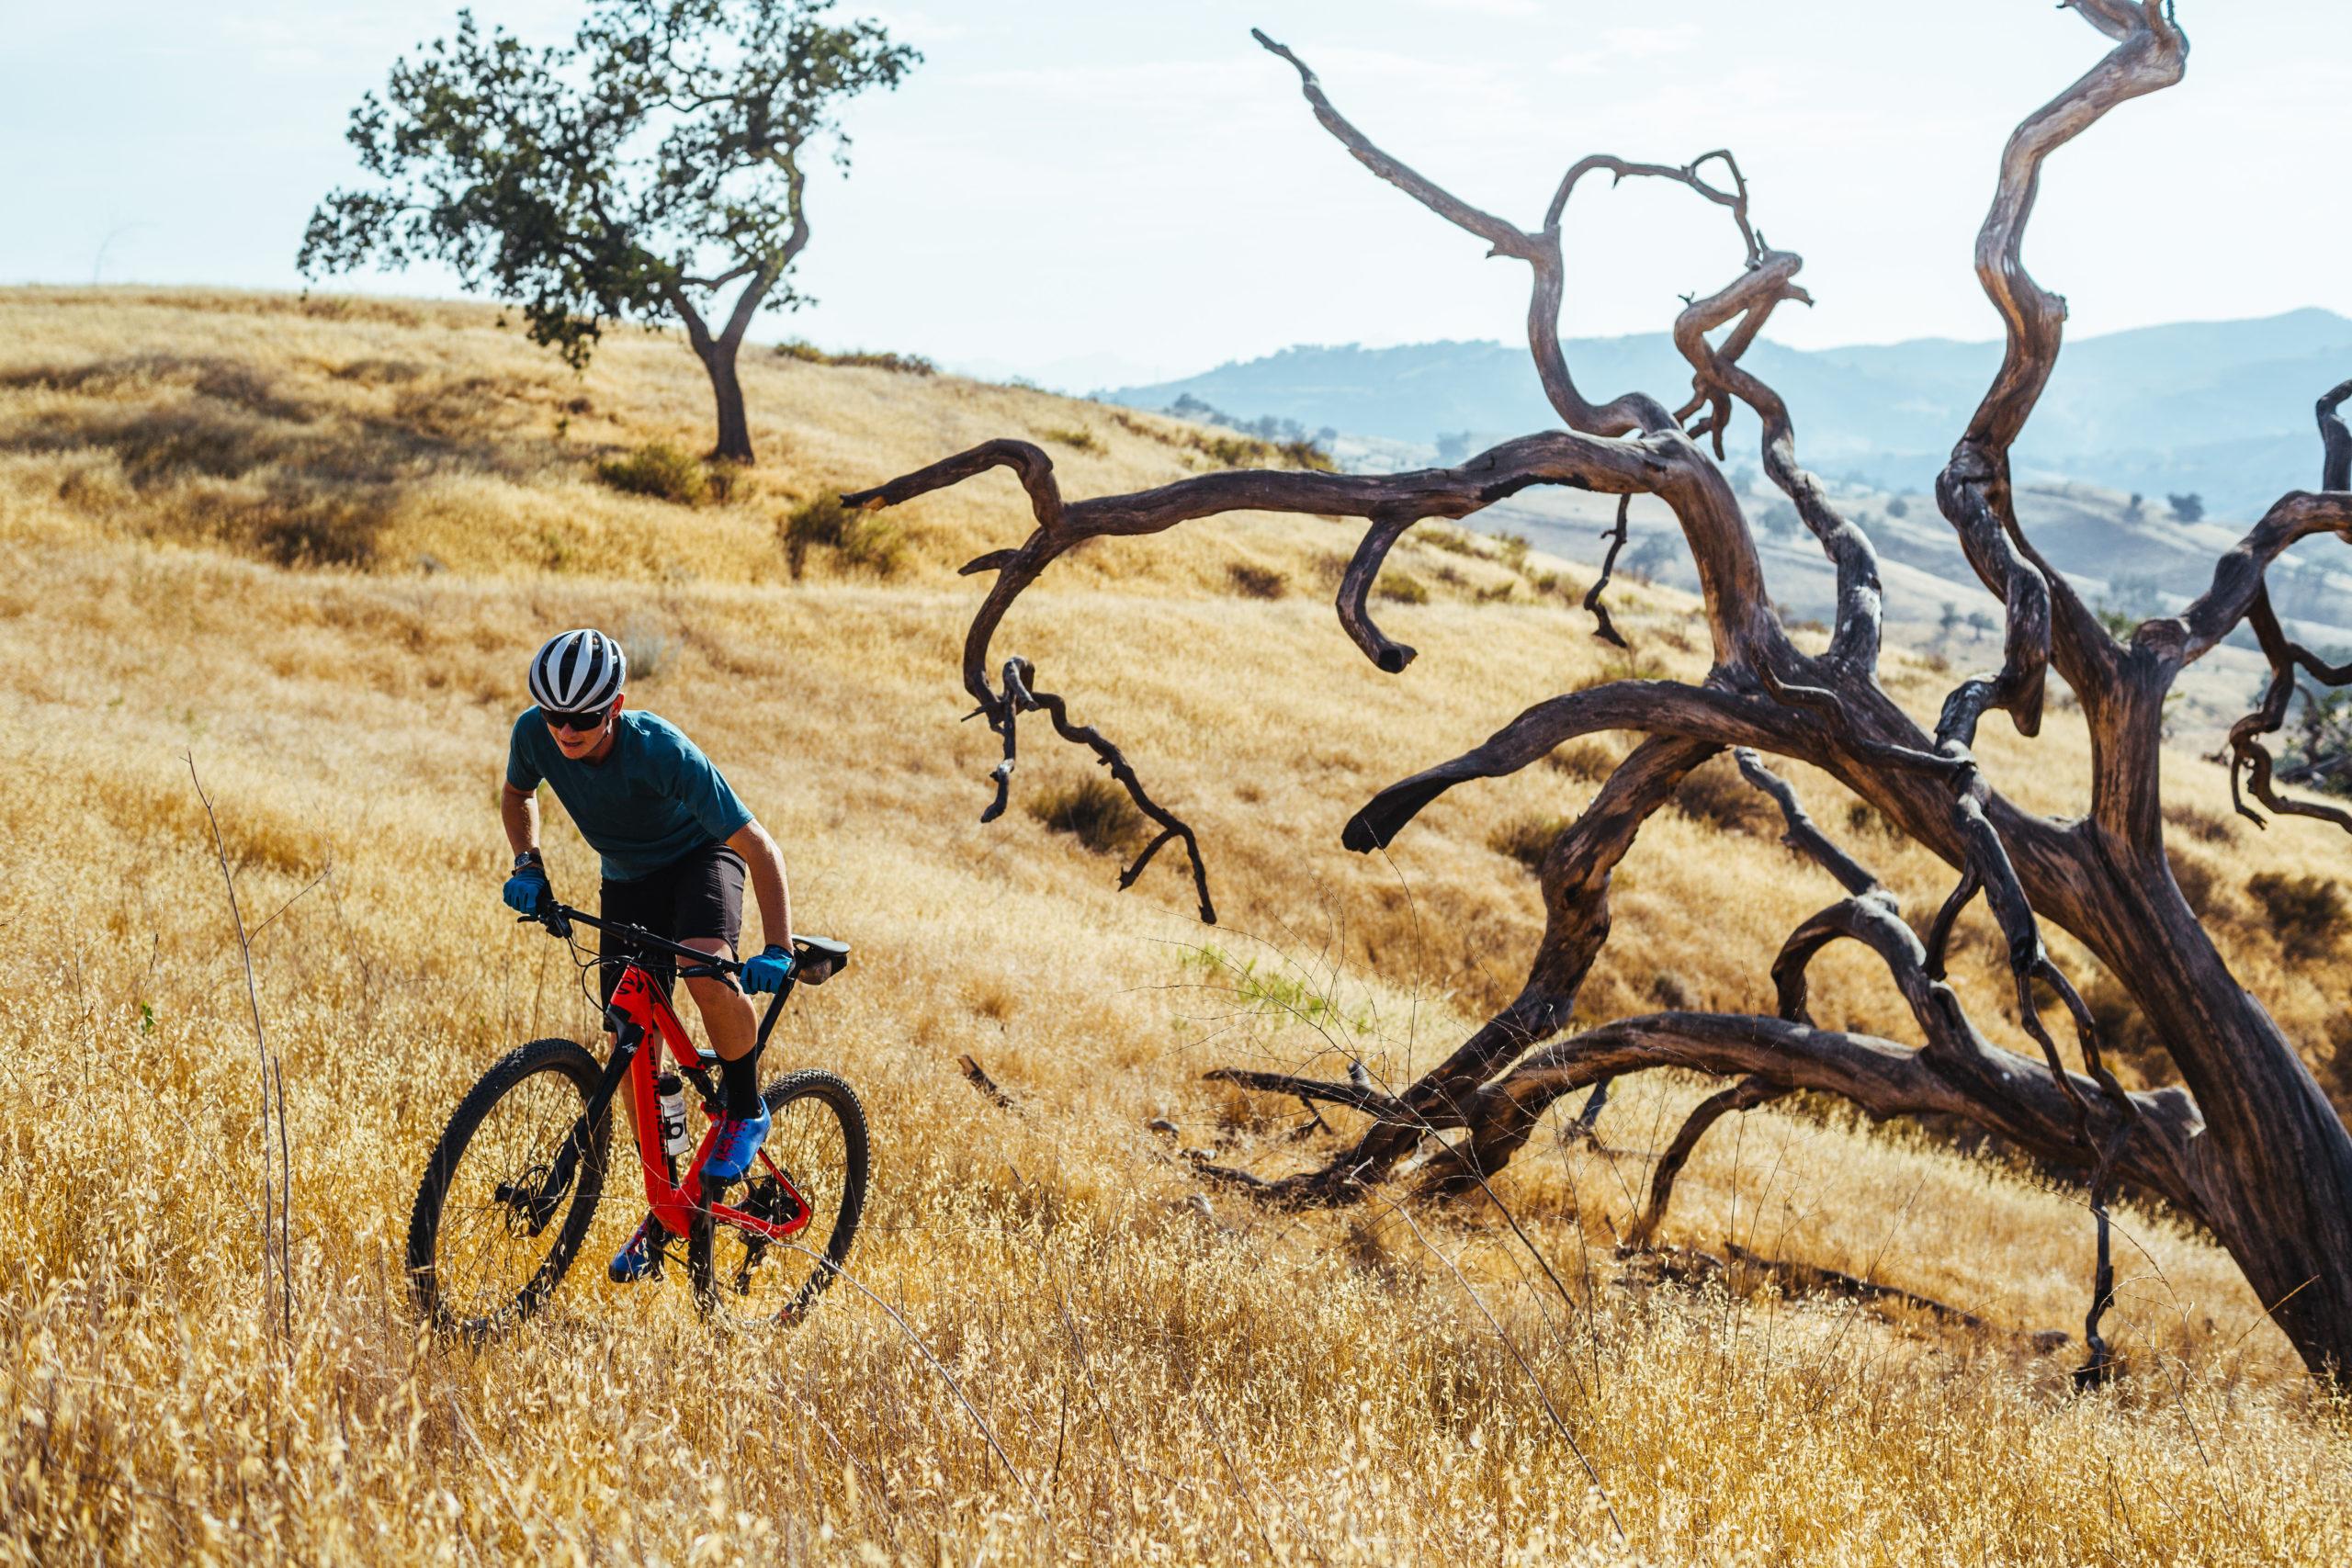 Começar a pedalar? Veja 10 dicas para ir hoje mesmo